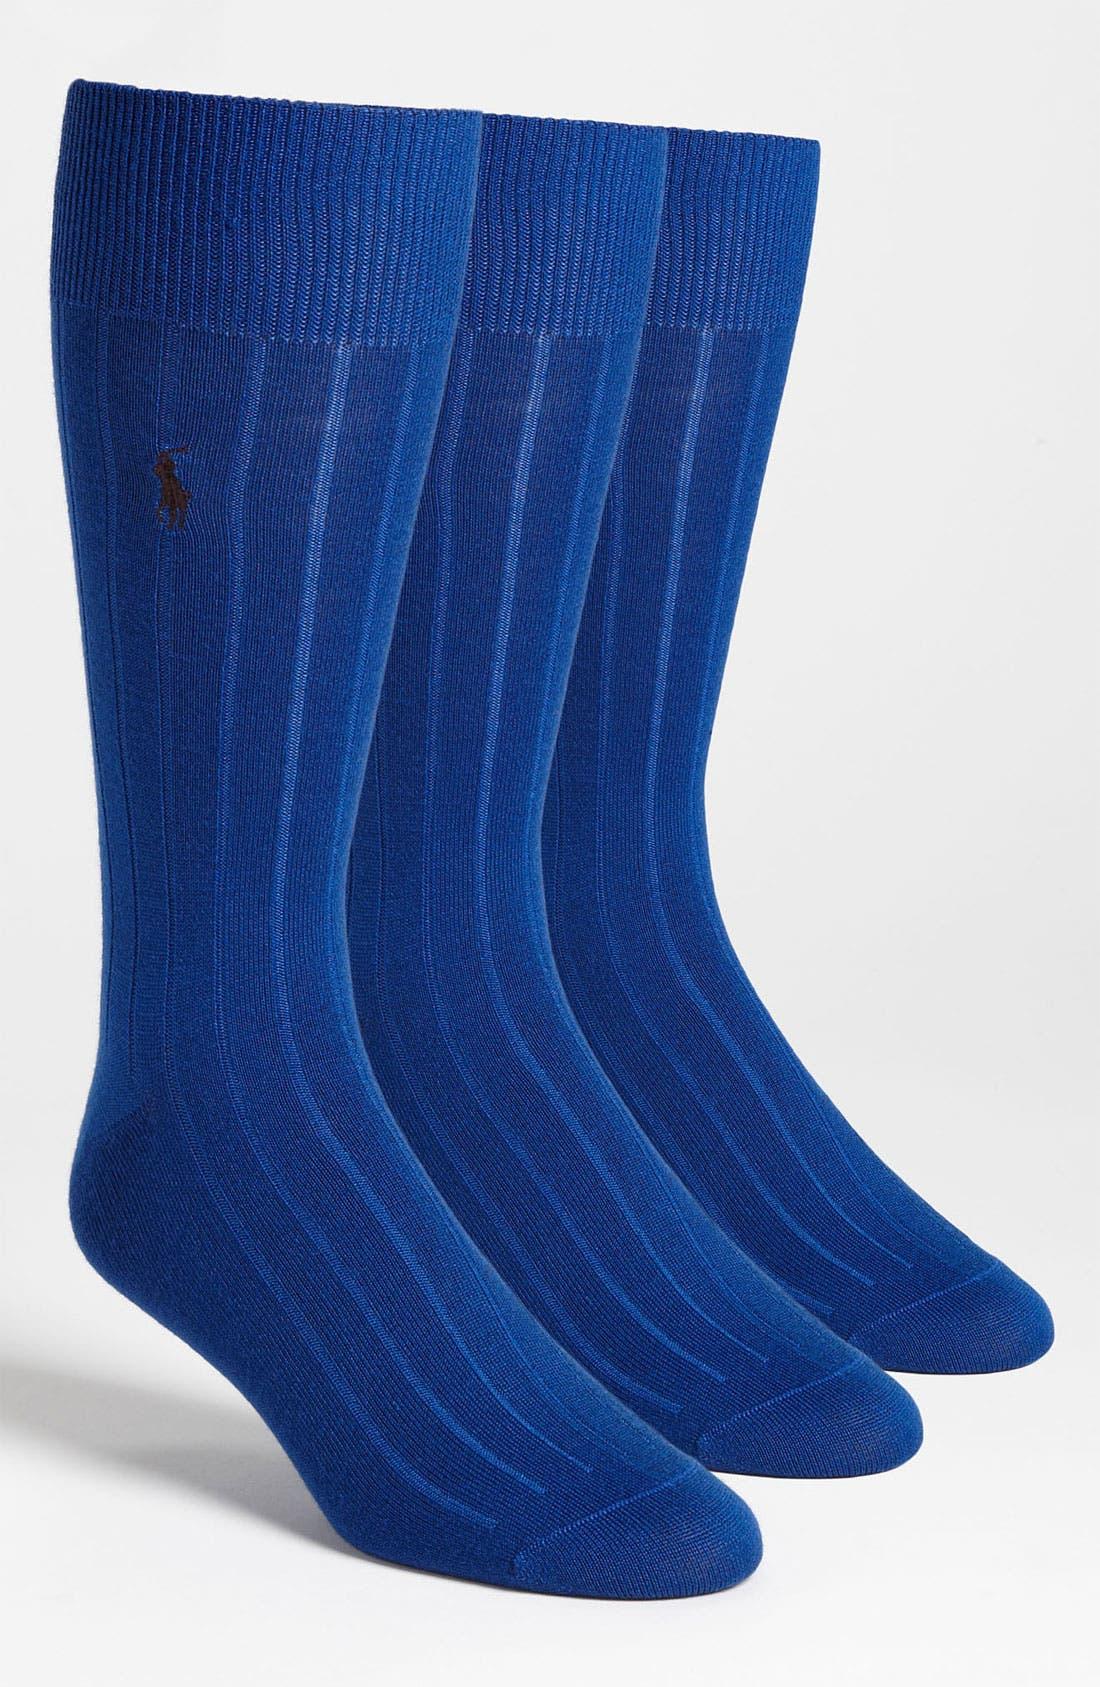 Alternate Image 1 Selected - Polo Ralph Lauren 'Basic' Ribbed Socks (3-Pack)